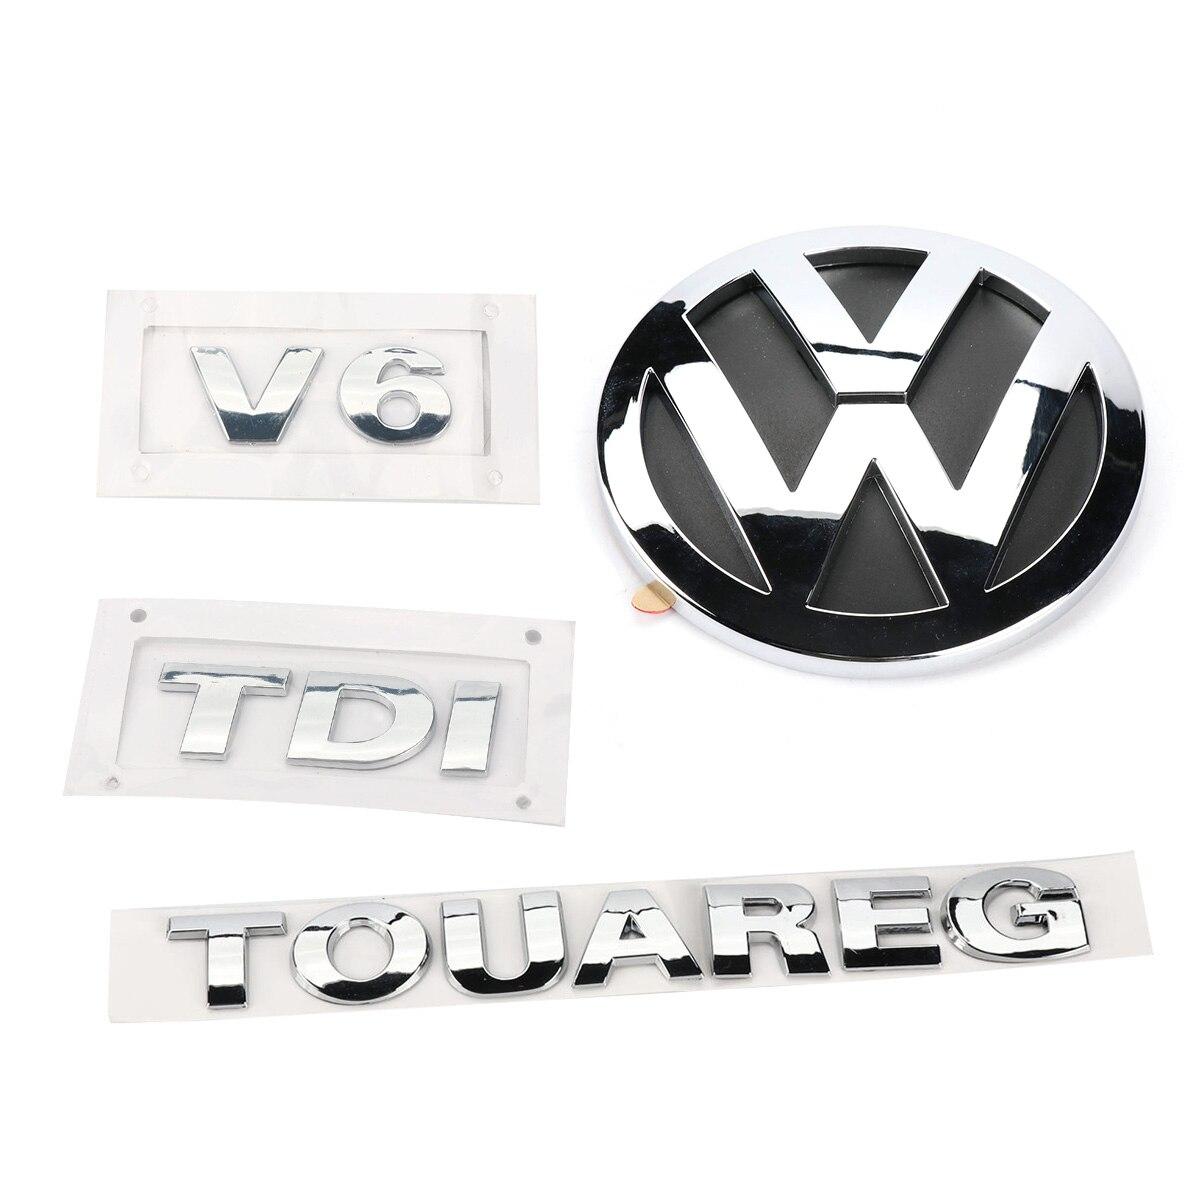 4 قطعة الخلفية شارة التمهيد كروم شعار V6 TDI طوارق ل VW Volkswagen طوارق 2003-2010 7L6 853 630 A